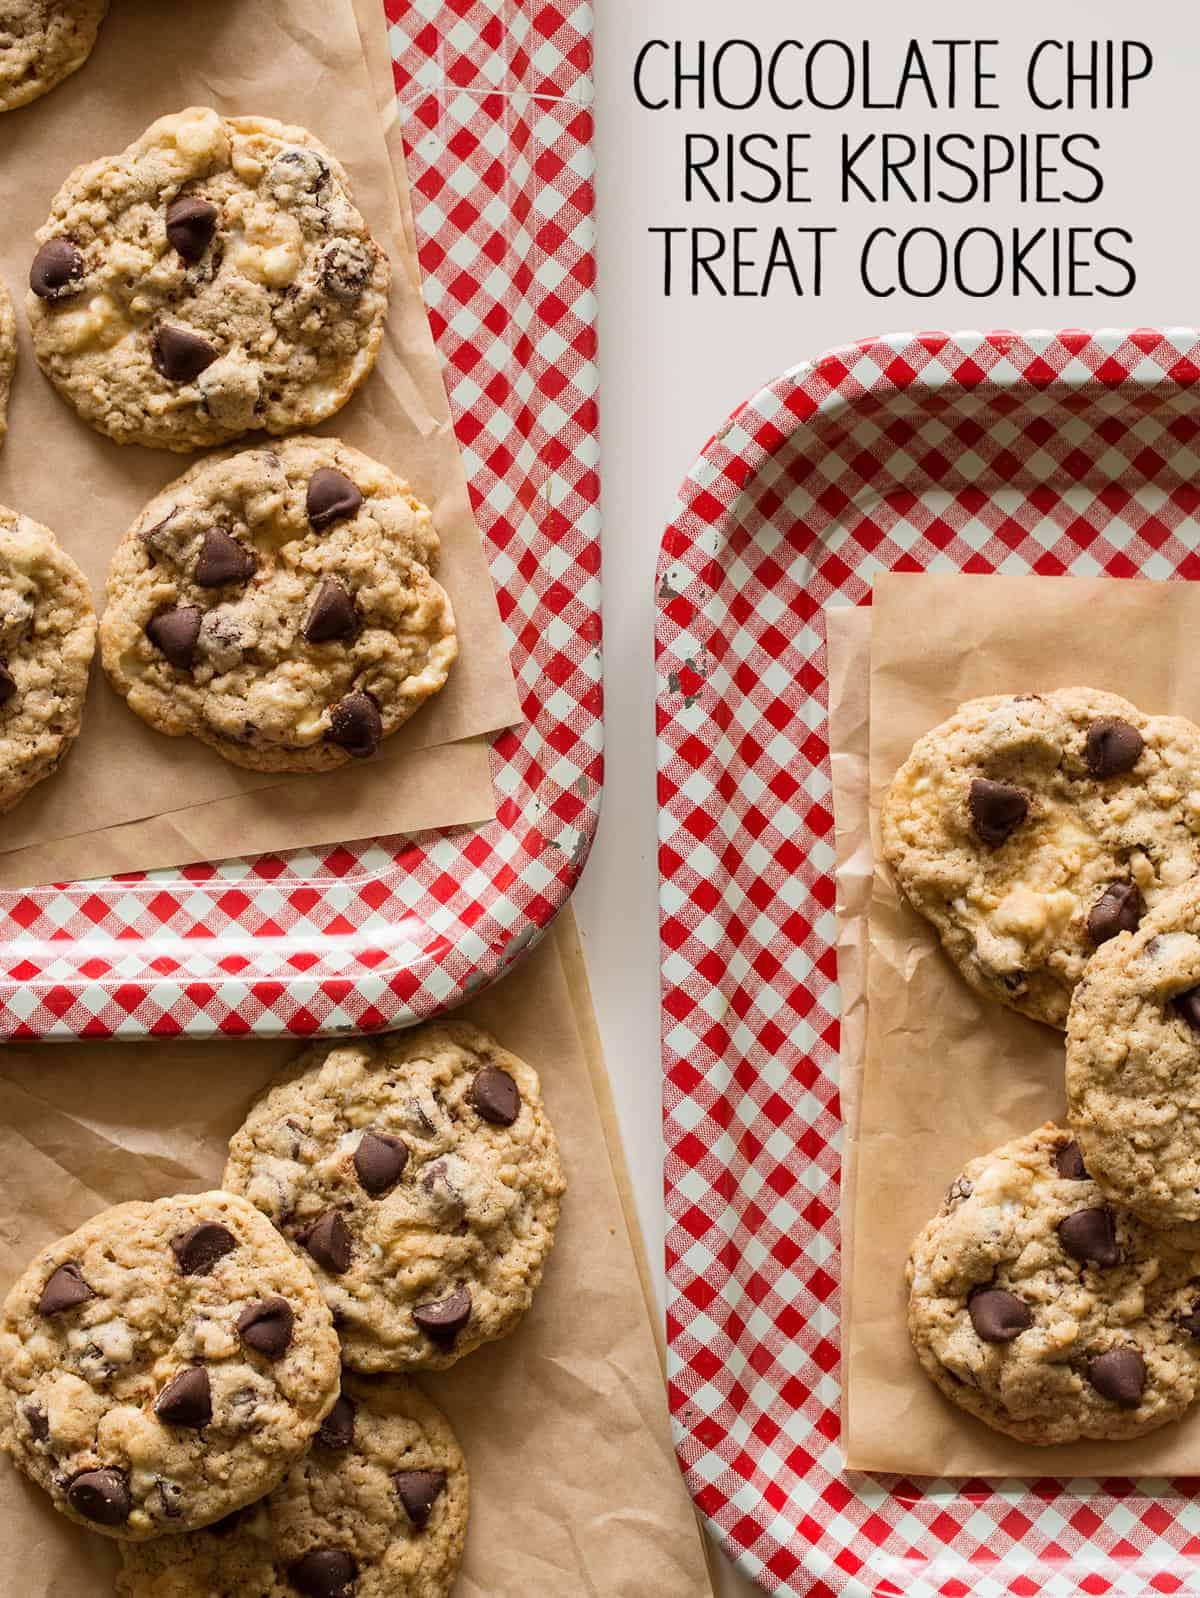 Cookie recipe using rice krispies